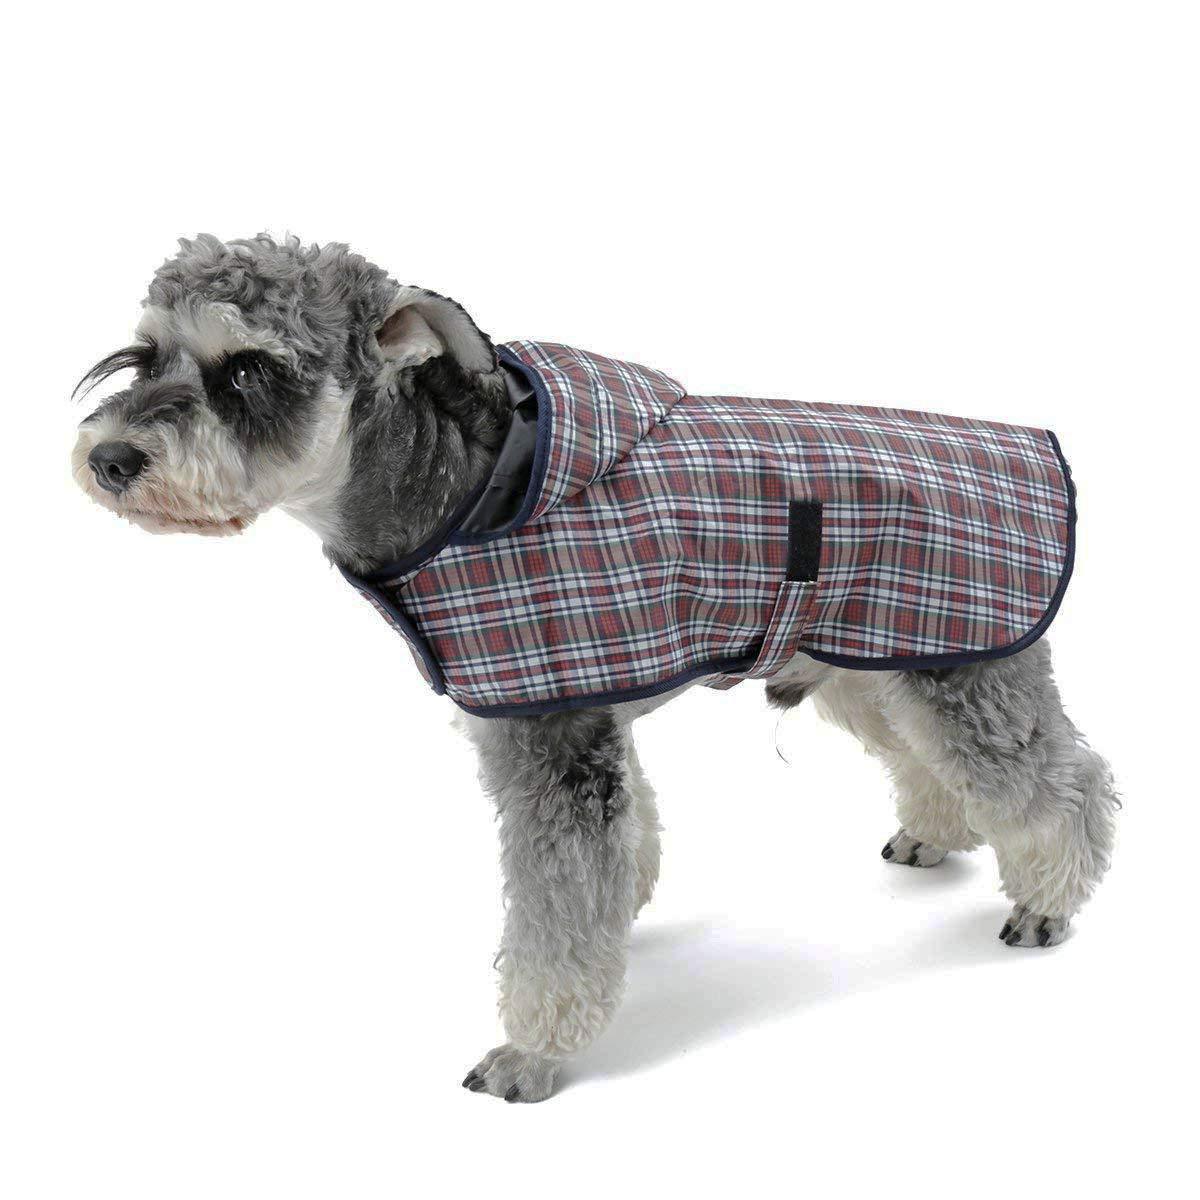 LEOFANS Haustier Hunde Regenmantel Regenjacke für Kleine Mittlere Hunde mit 4 Größen Wasserdicht